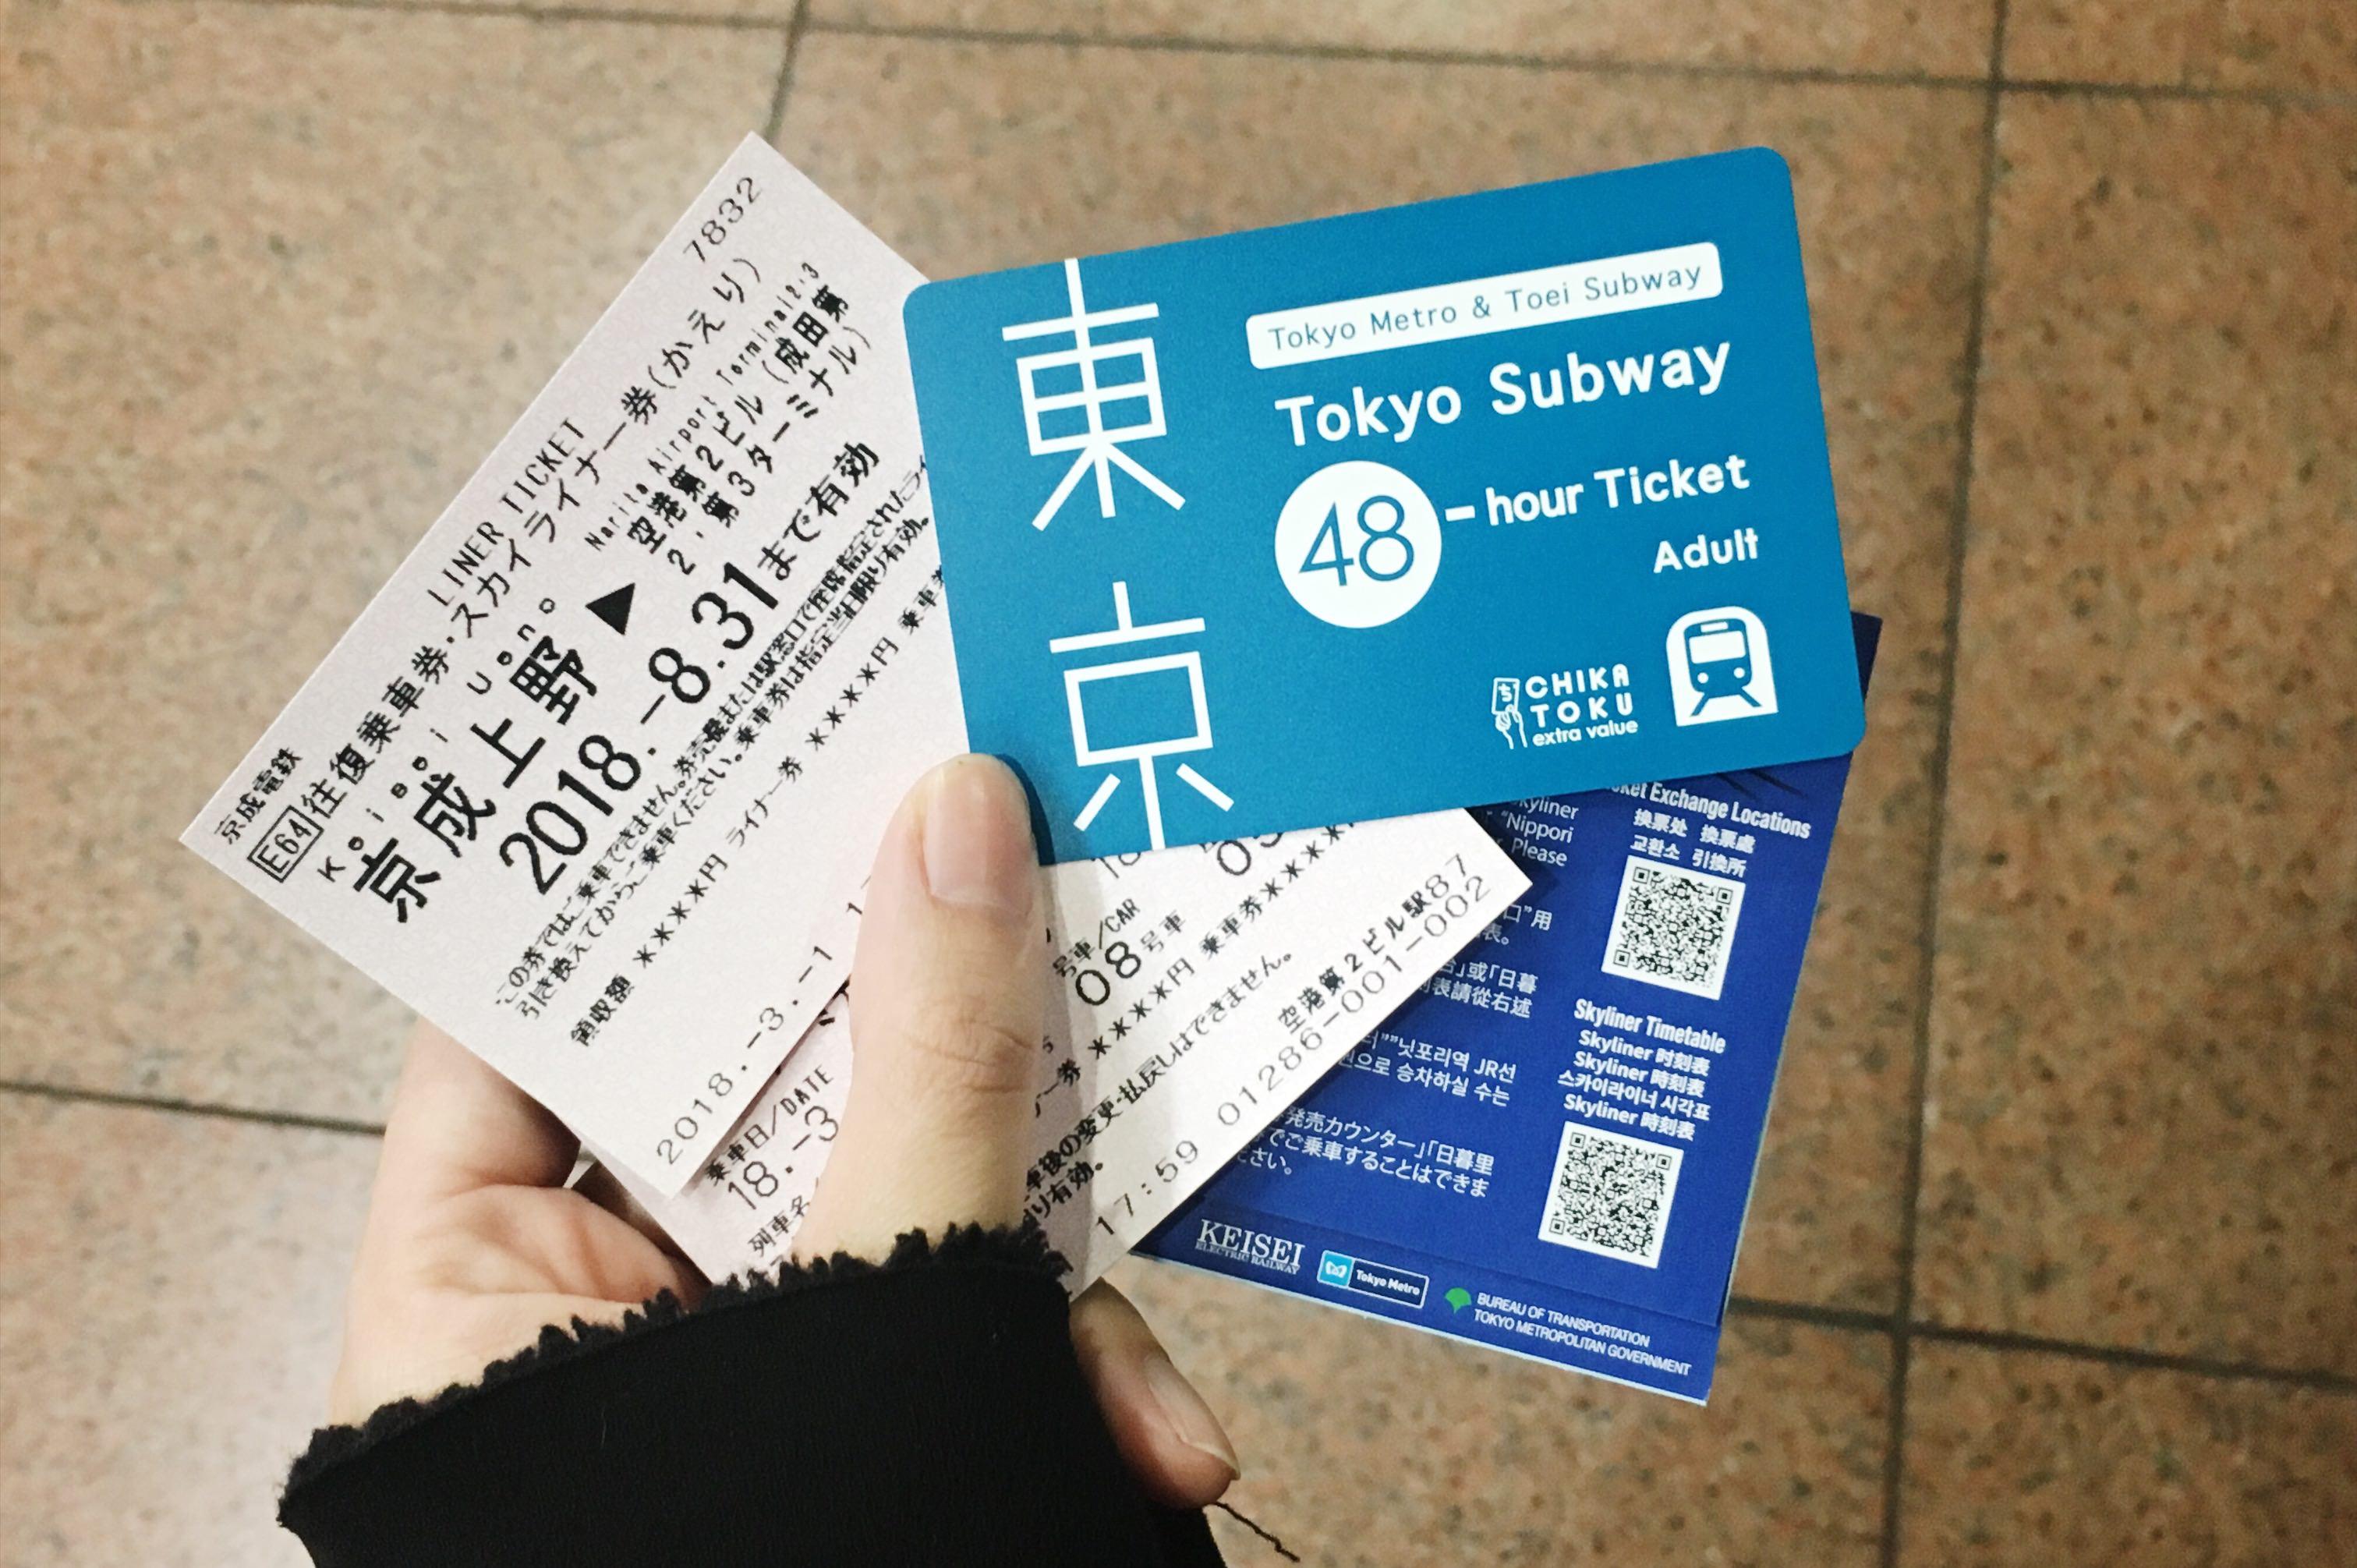 東京交通|如何從成田機場搭乘Skyliner京成電鐵到上野、池袋